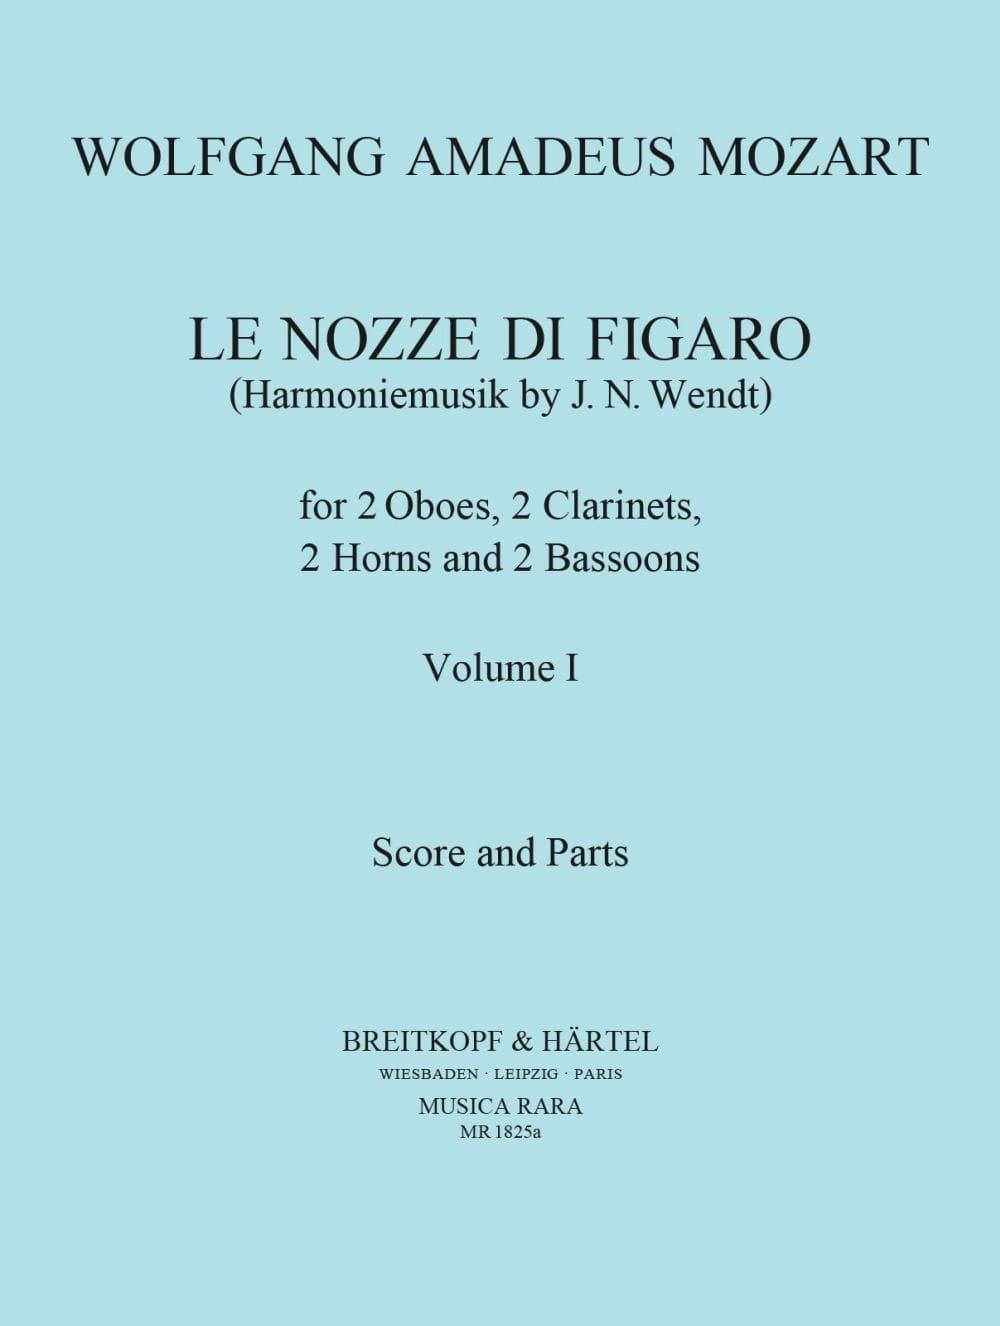 Le Nozze di Figaro Volume 1 -Harmoniemusik - Score + Parts - laflutedepan.com